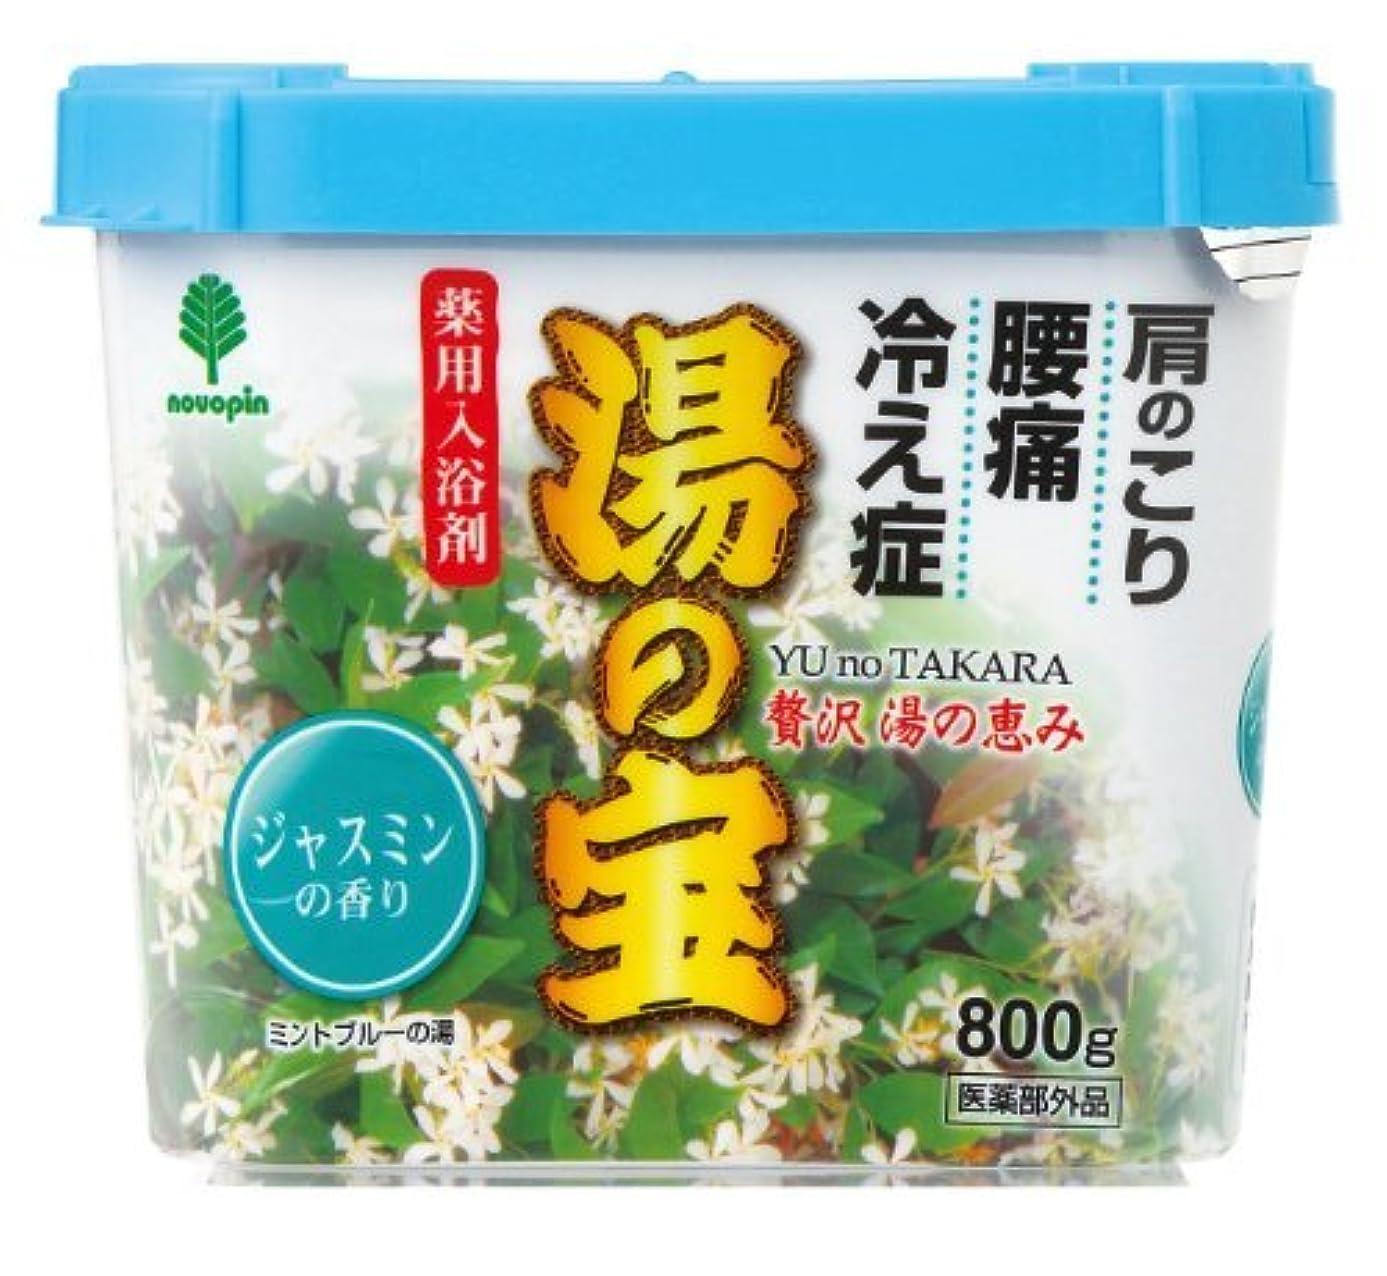 ステーキブラケットデジタル紀陽除虫菊 湯の宝 ジャスミンの香り 800g【まとめ買い16個セット】 N-0056